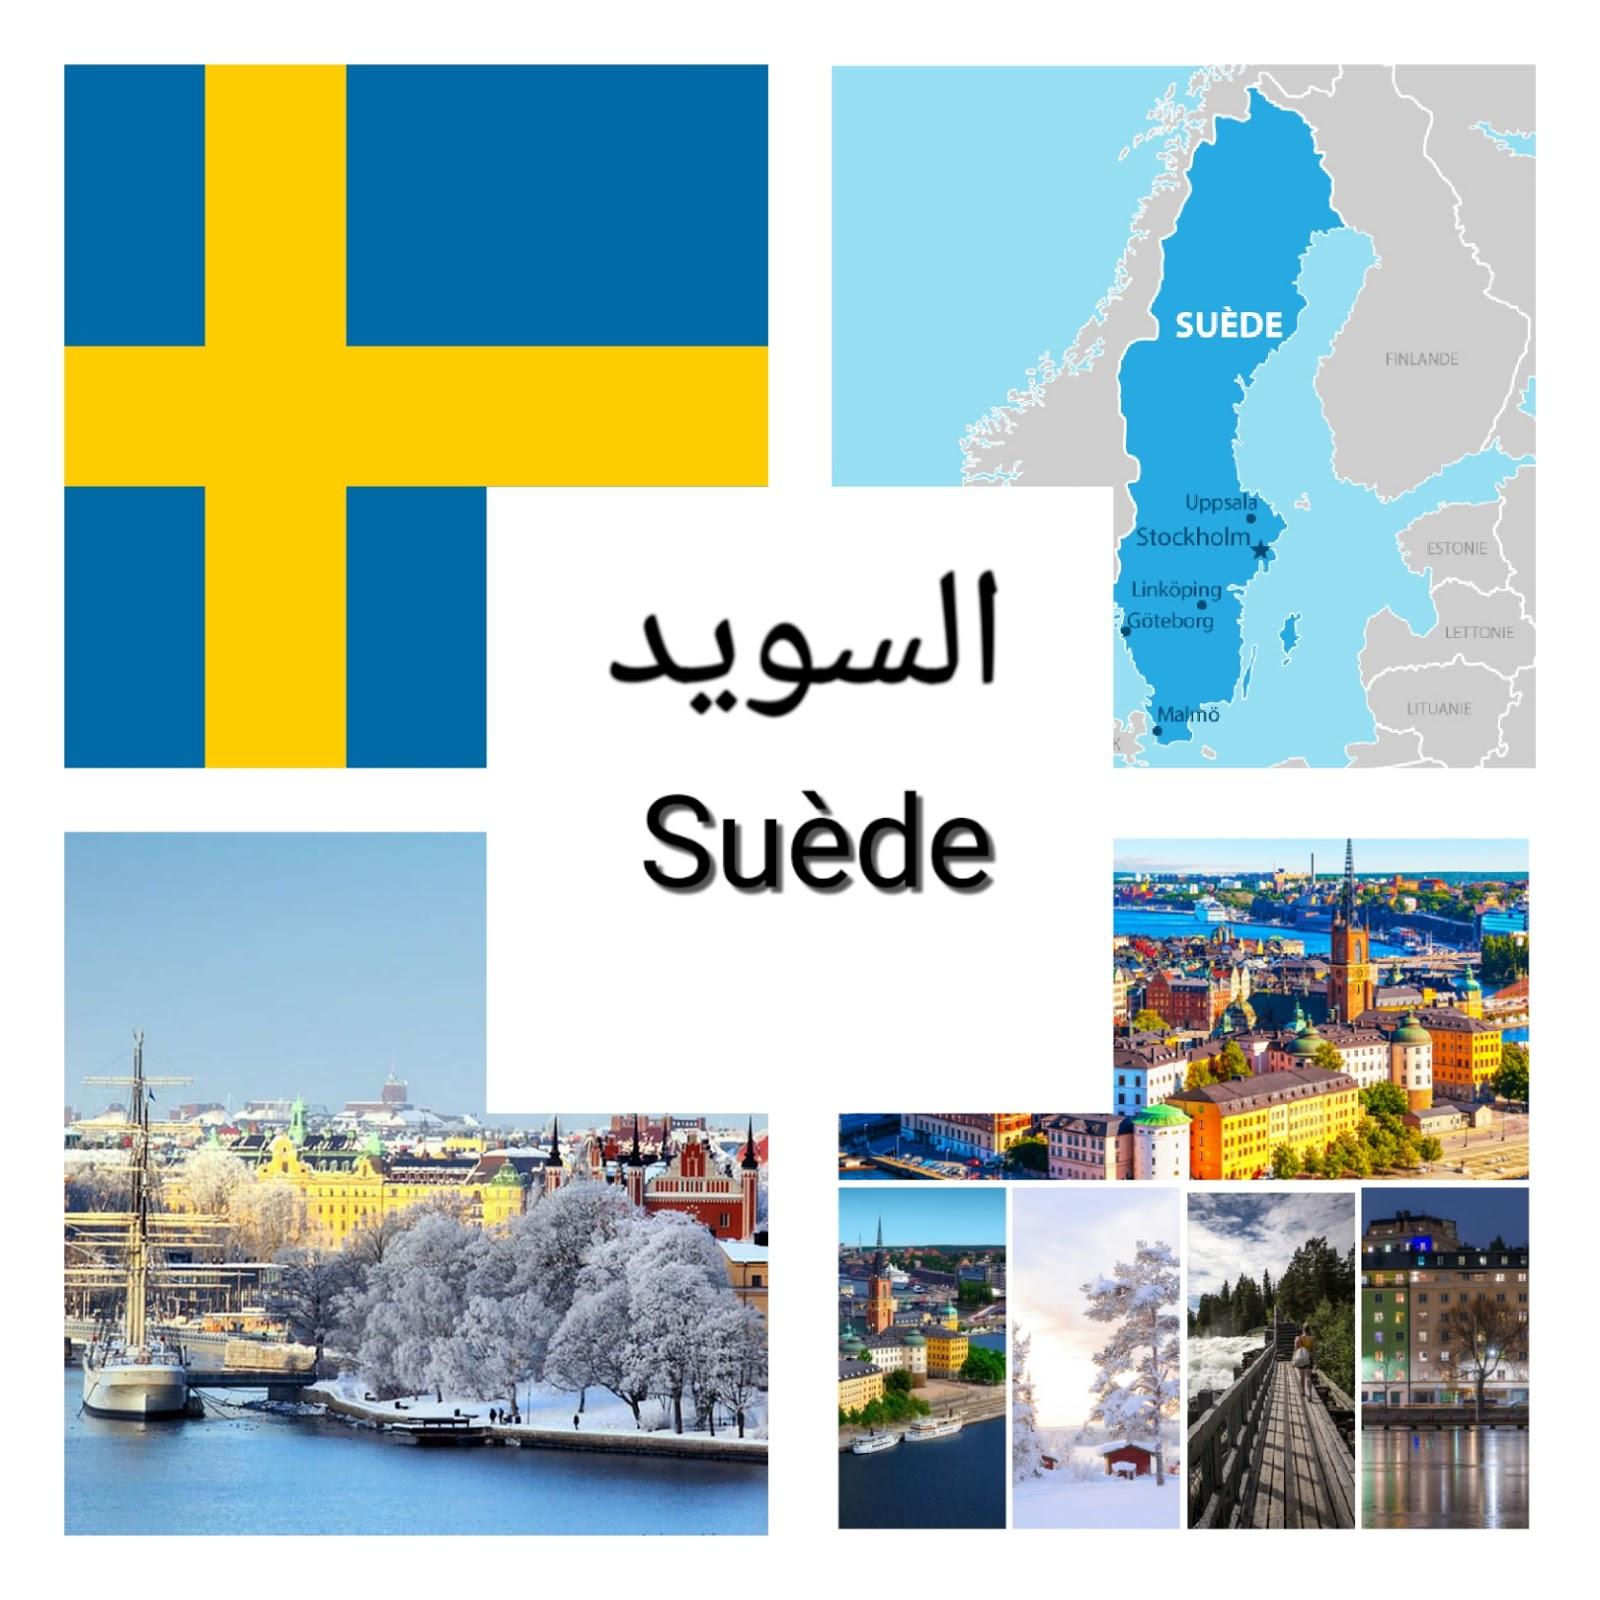 حقائق عن دولة السويد